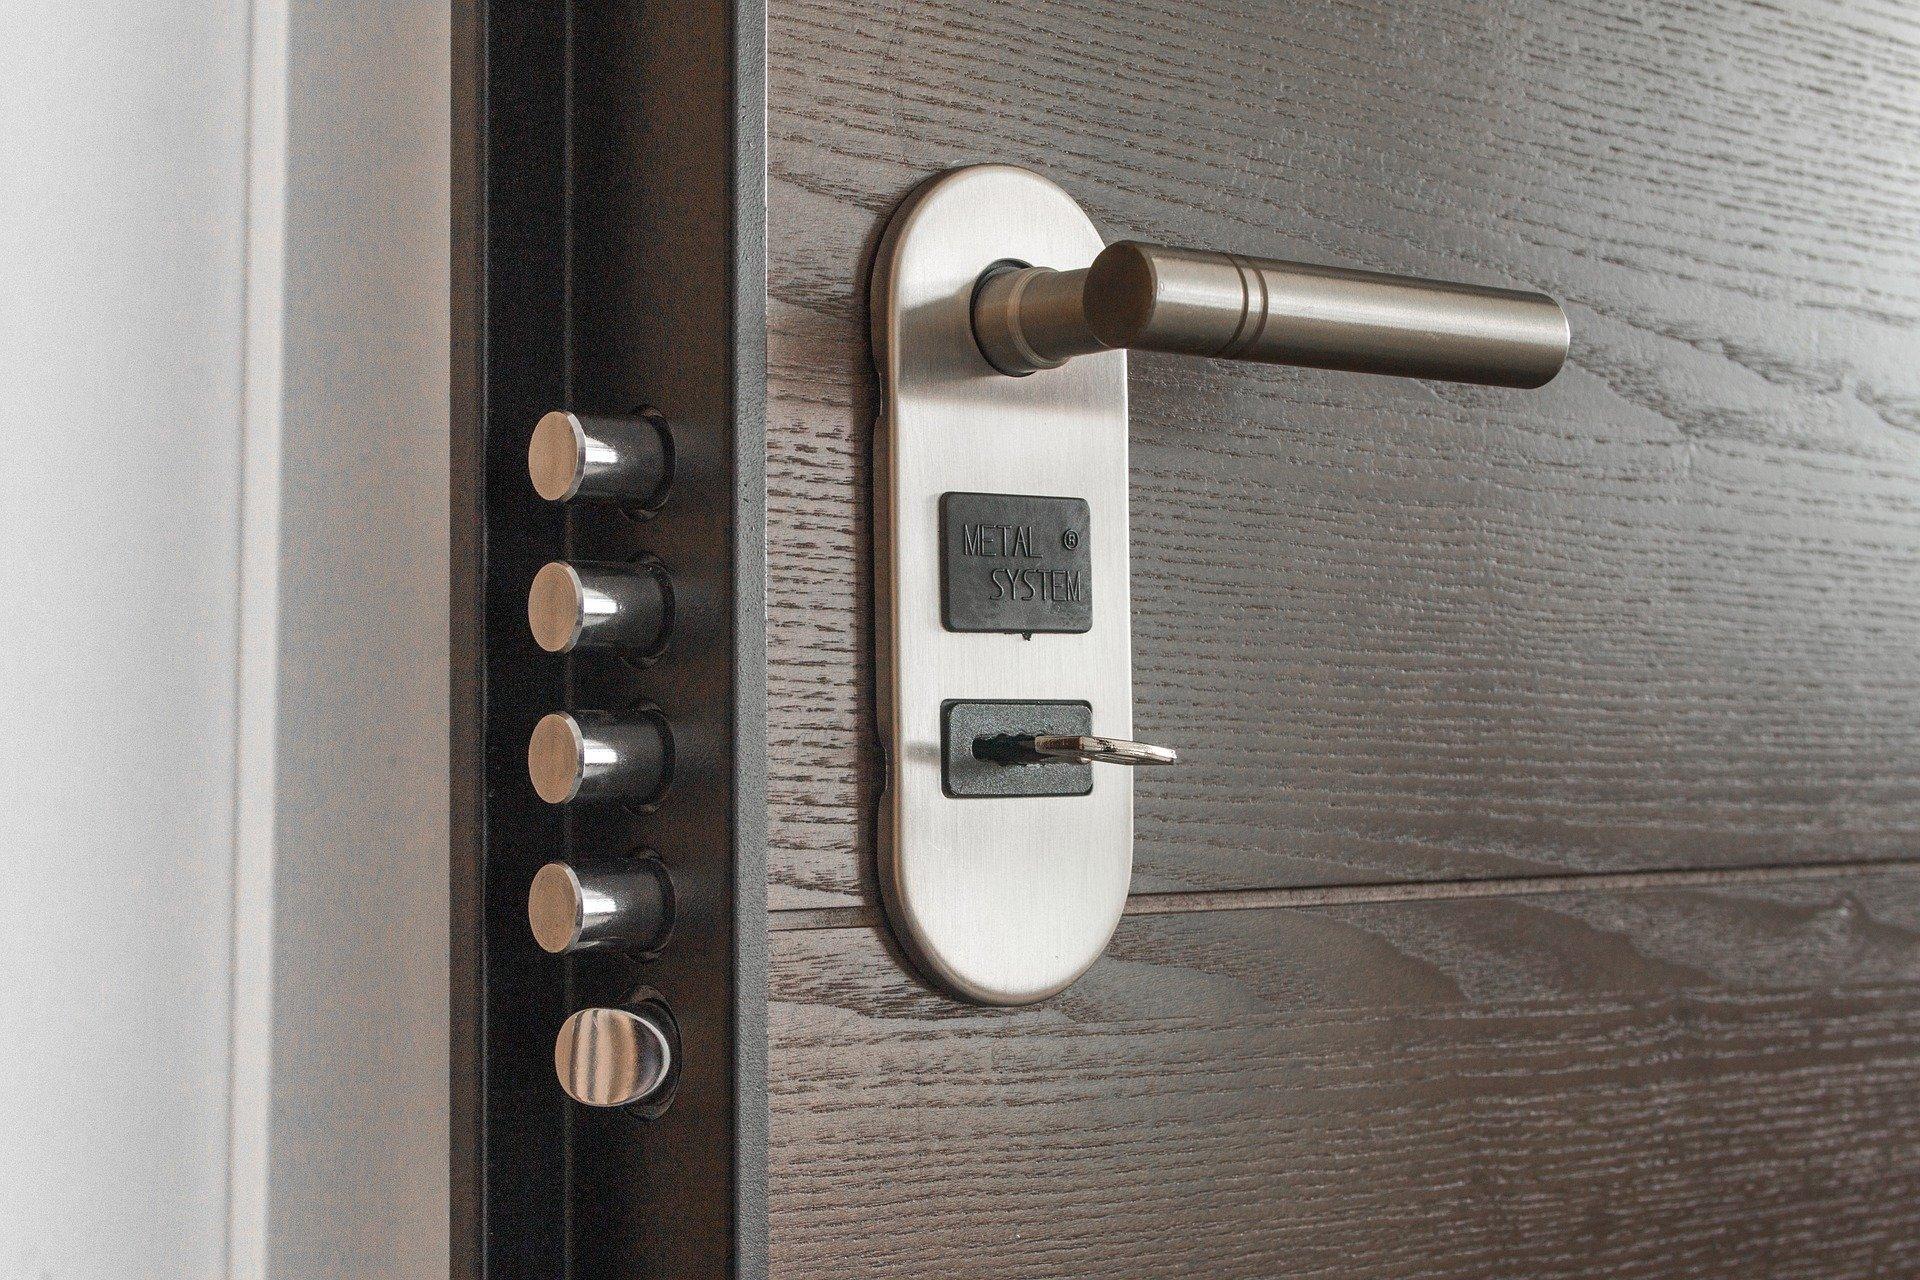 Спомощью динамика смартфона можно сделать дубликат ключа отвашей двери